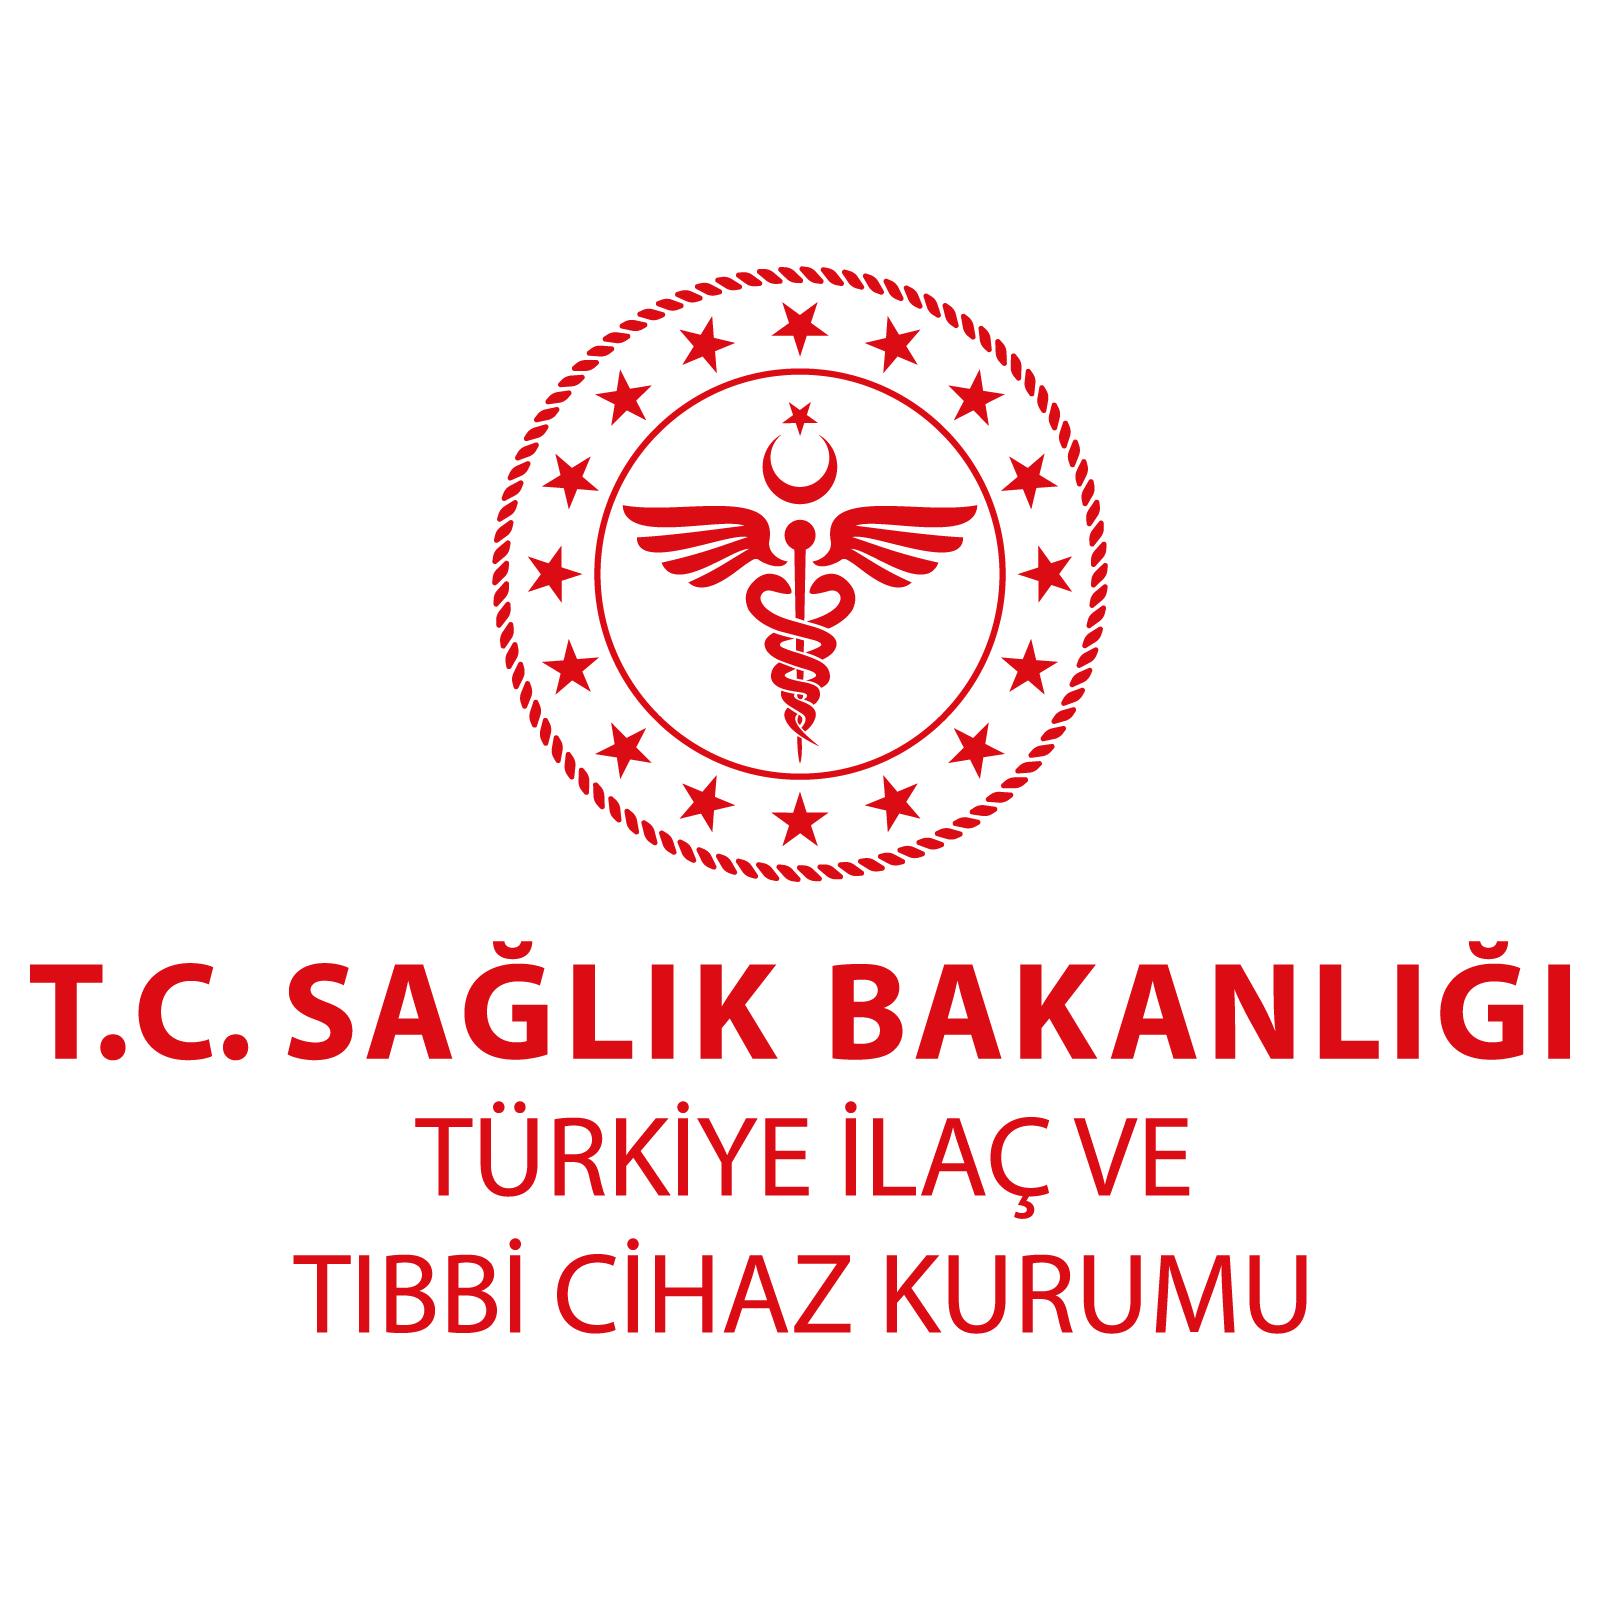 Titck Turkiye Ilac Ve Tibbi Cihaz Kurumu